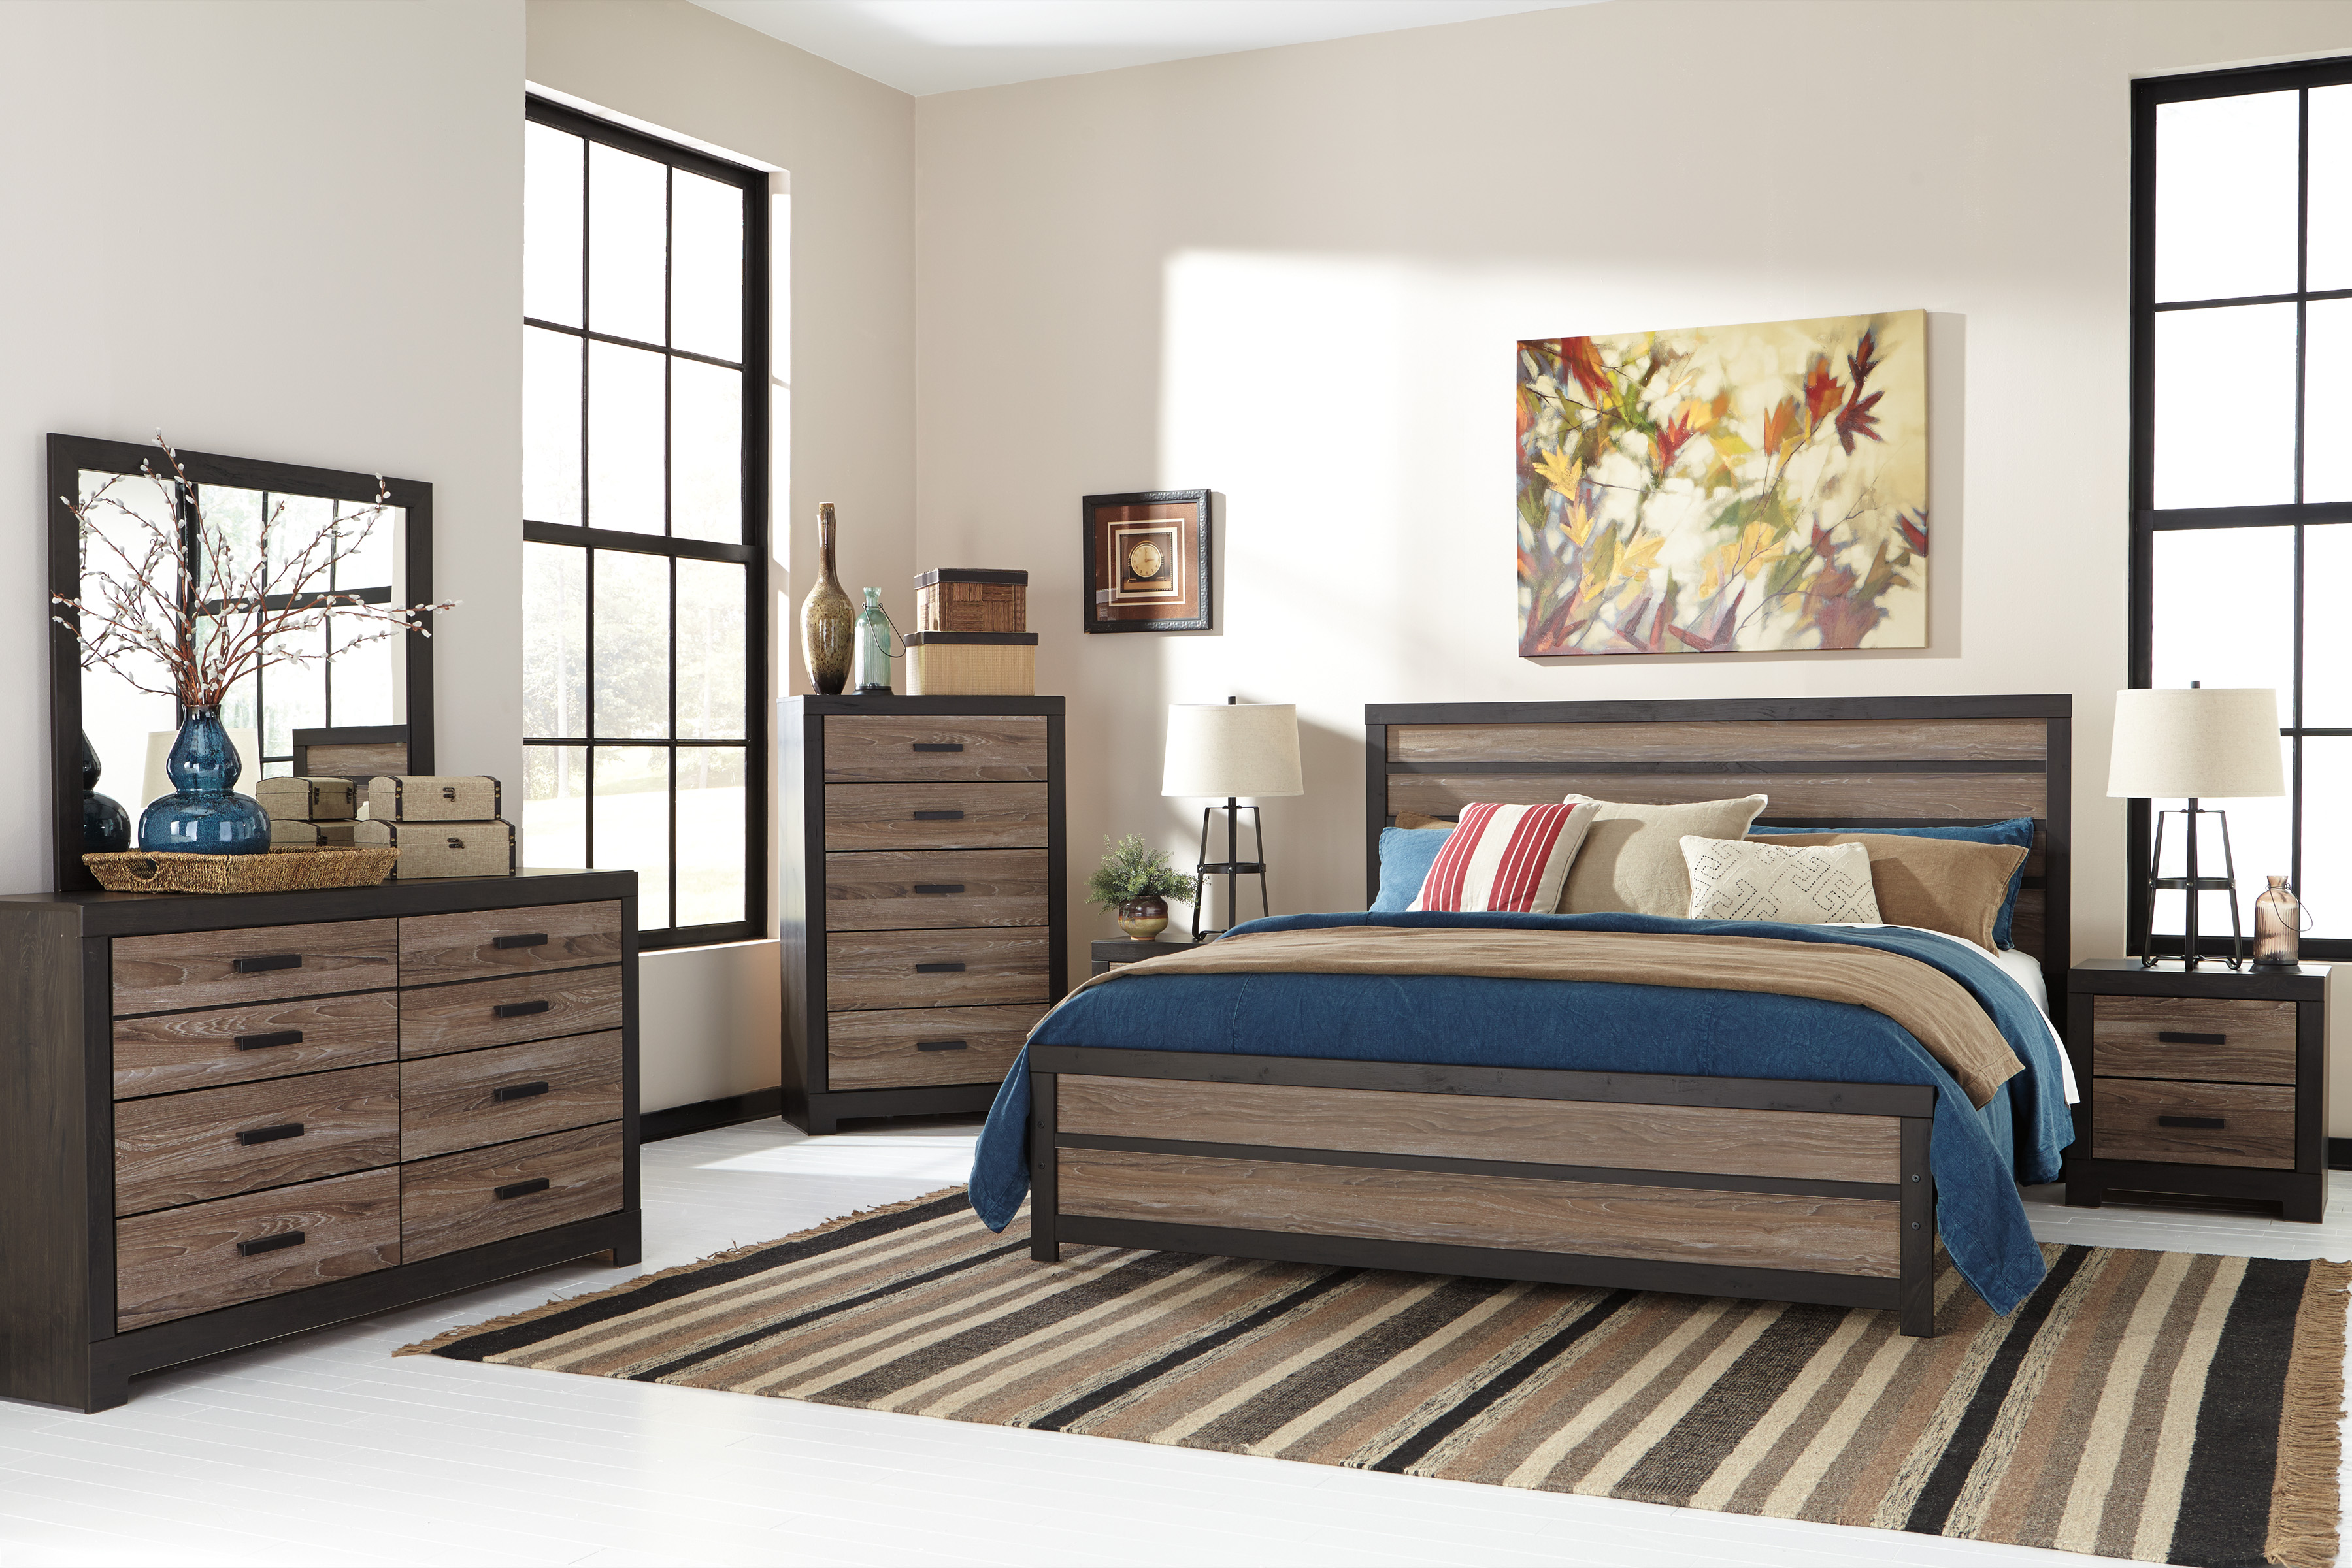 Bedroom Sets. Bedroom Sets N - Systym.co